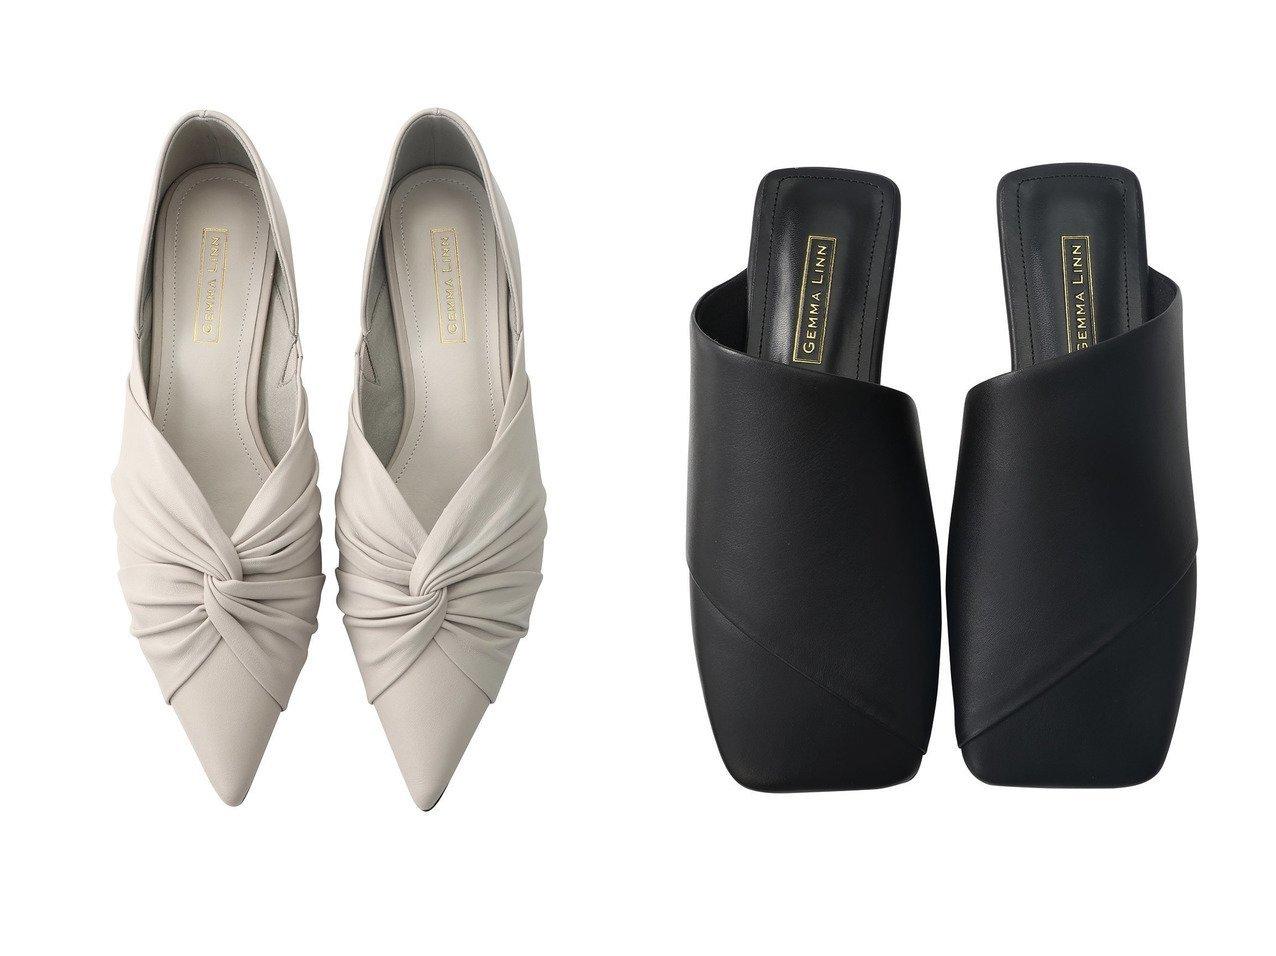 【Daniella & GEMMA/ダニエラ アンド ジェマ】のアシンメトリーフラットサンダル&ポインテッドトゥギャザーパンプス 【シューズ・靴】おすすめ!人気、トレンド・レディースファッションの通販 おすすめで人気の流行・トレンド、ファッションの通販商品 メンズファッション・キッズファッション・インテリア・家具・レディースファッション・服の通販 founy(ファニー) https://founy.com/ ファッション Fashion レディースファッション WOMEN 2021年 2021 2021春夏・S/S SS/Spring/Summer/2021 S/S・春夏 SS・Spring/Summer エレガント ギャザー シェイプ スマート パーティ ベーシック 春 Spring  ID:crp329100000028376